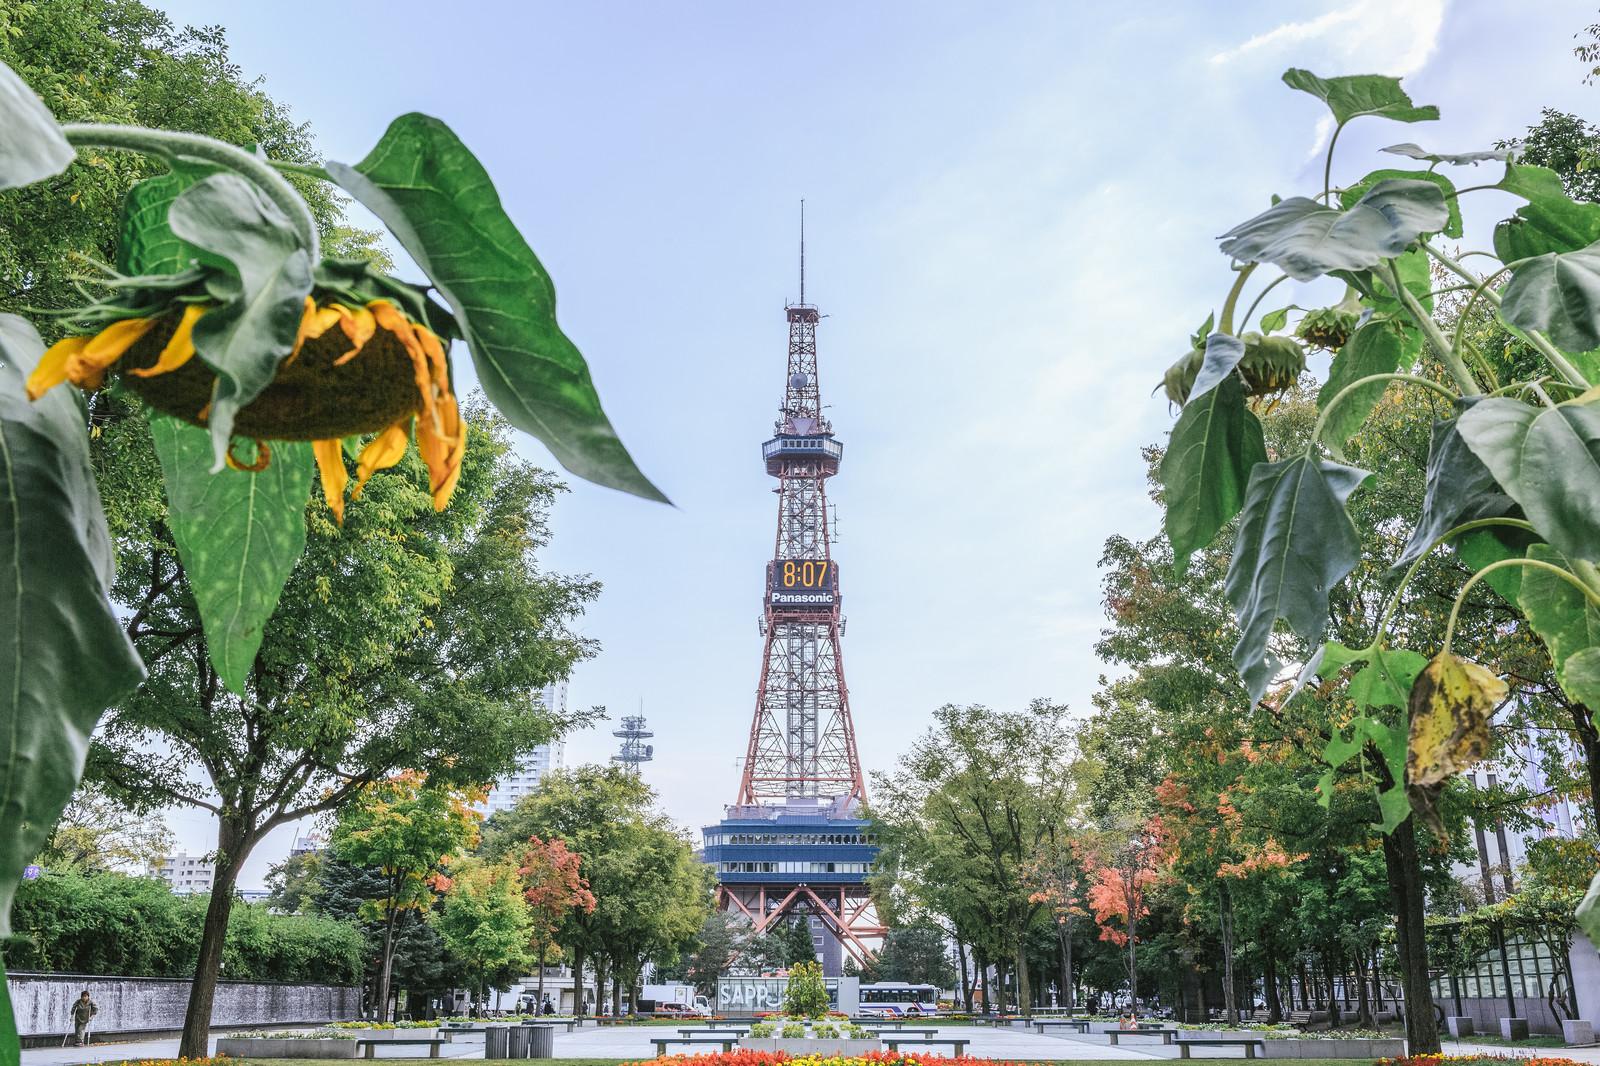 札幌駅のお土産ランキングTOP21!おすすめの限定品・人気定番や売り場も紹介